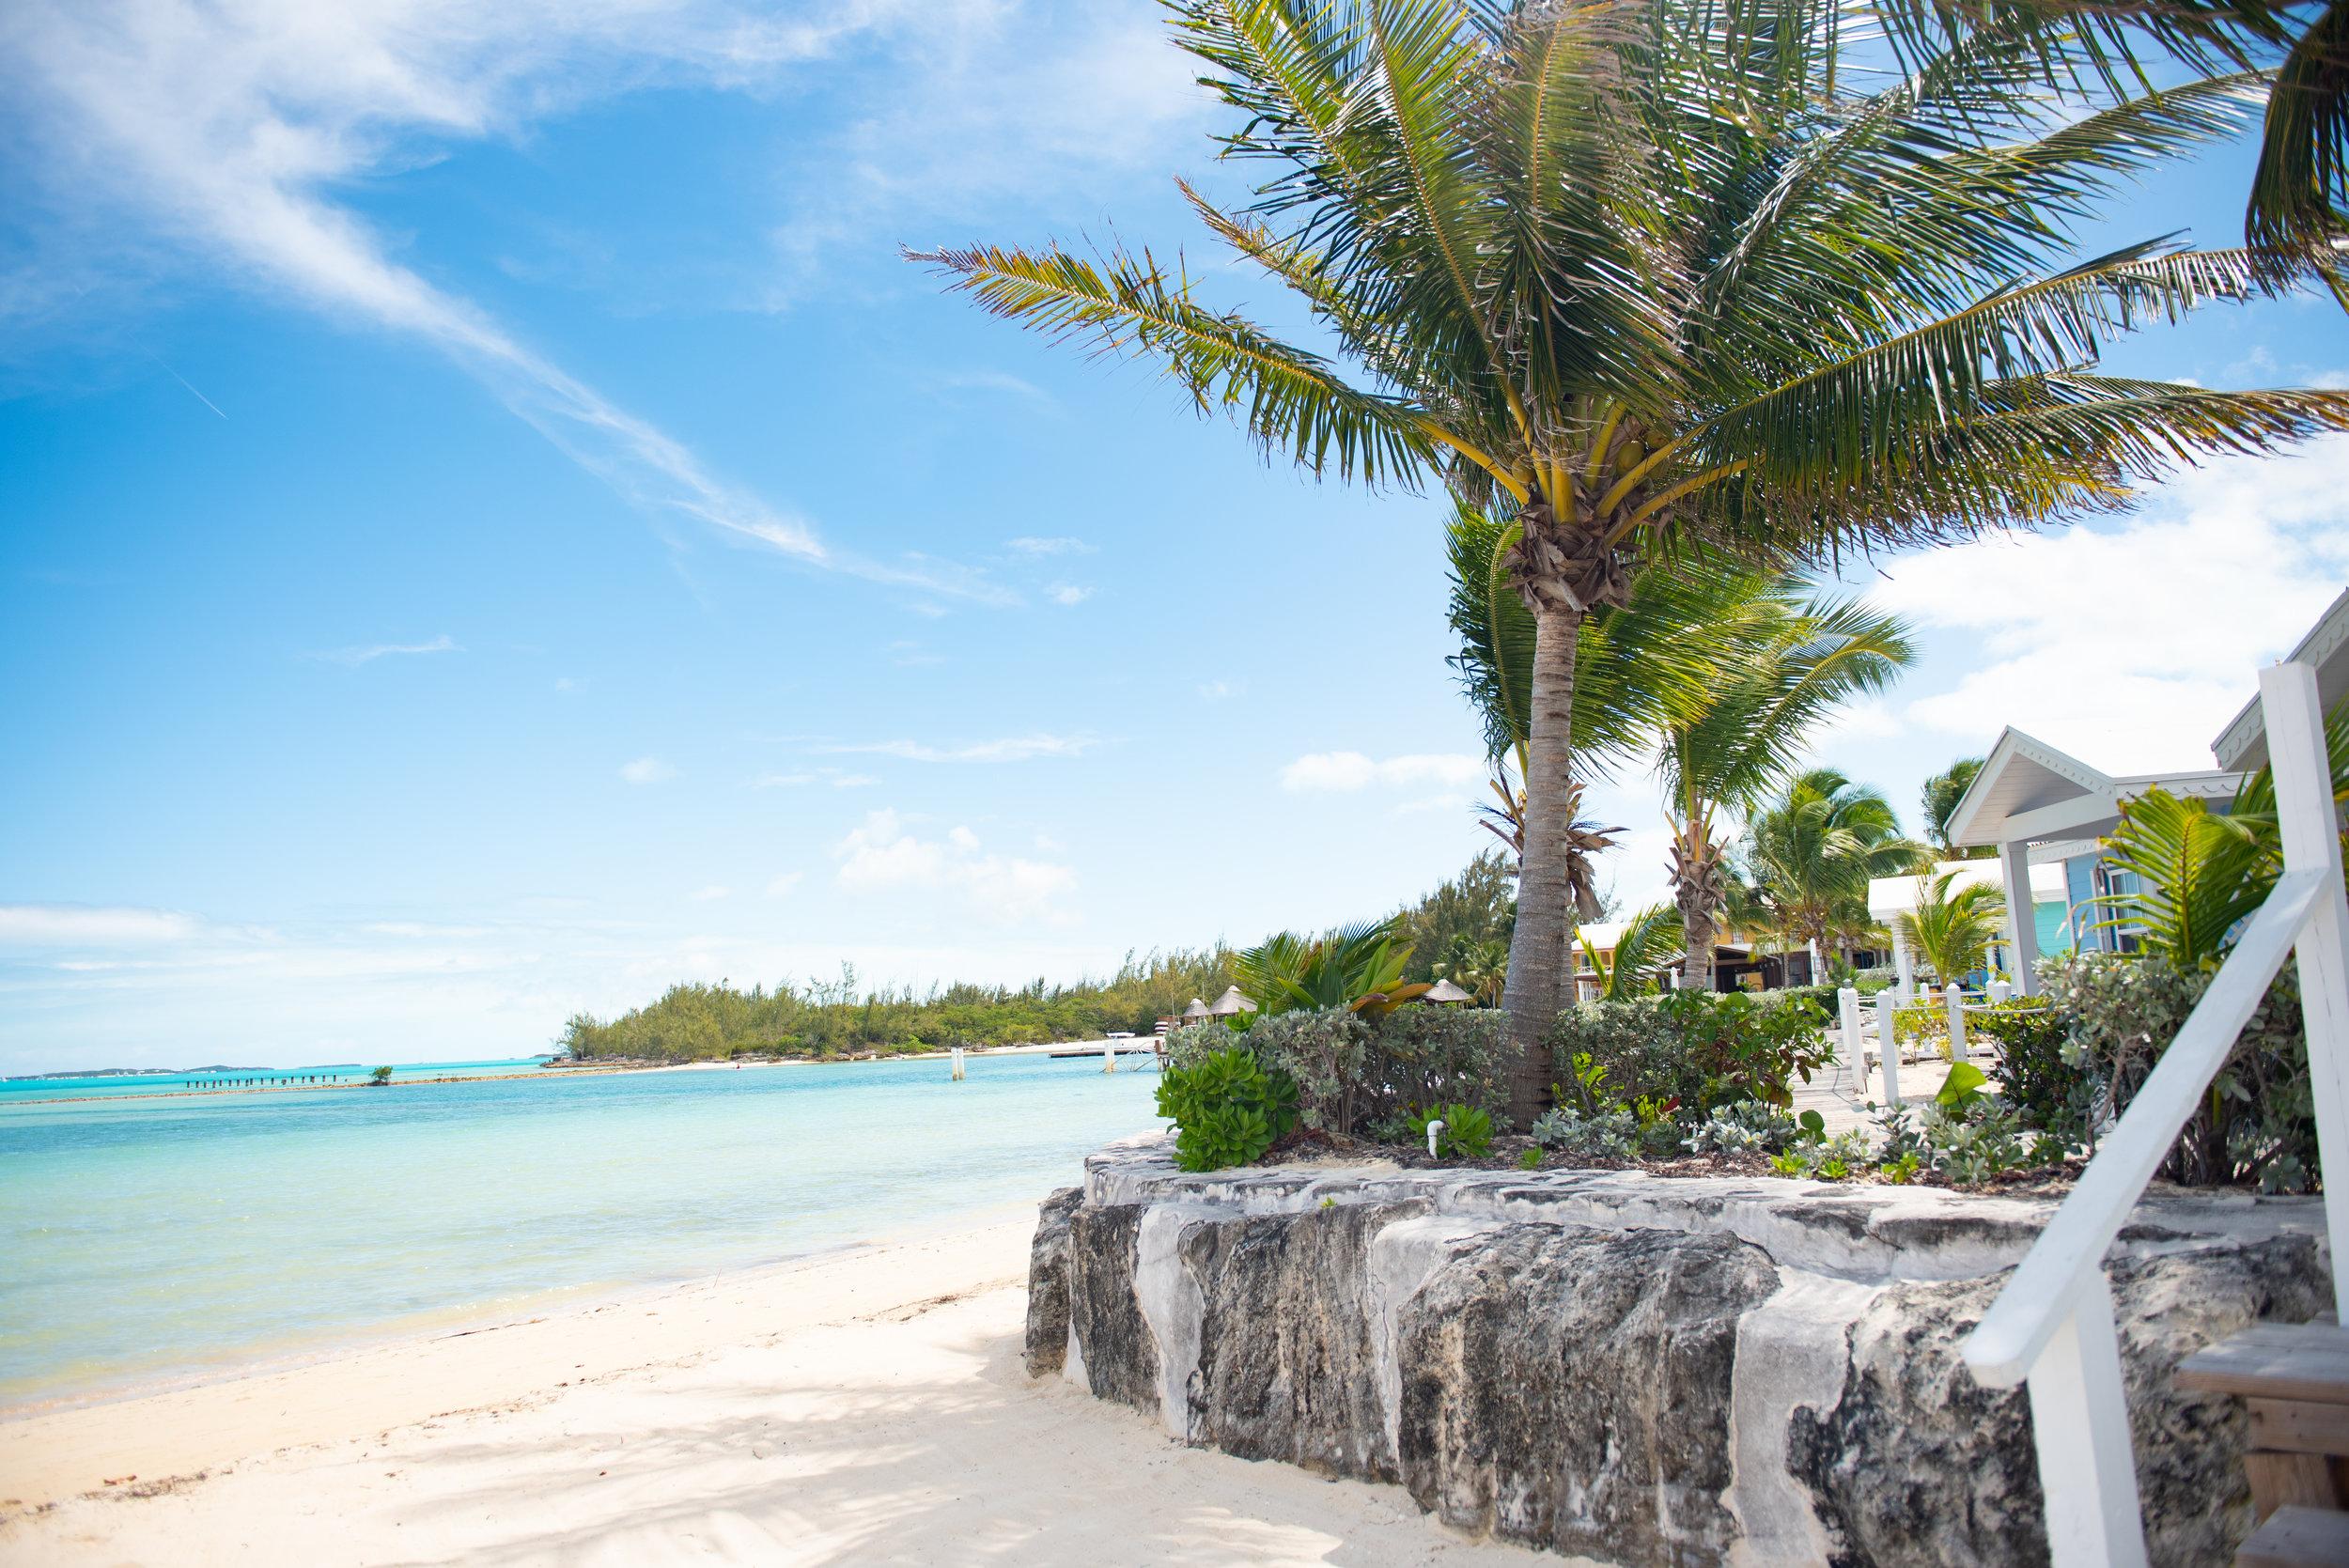 Exuma Bahamas 2019  (67 of 71).jpg